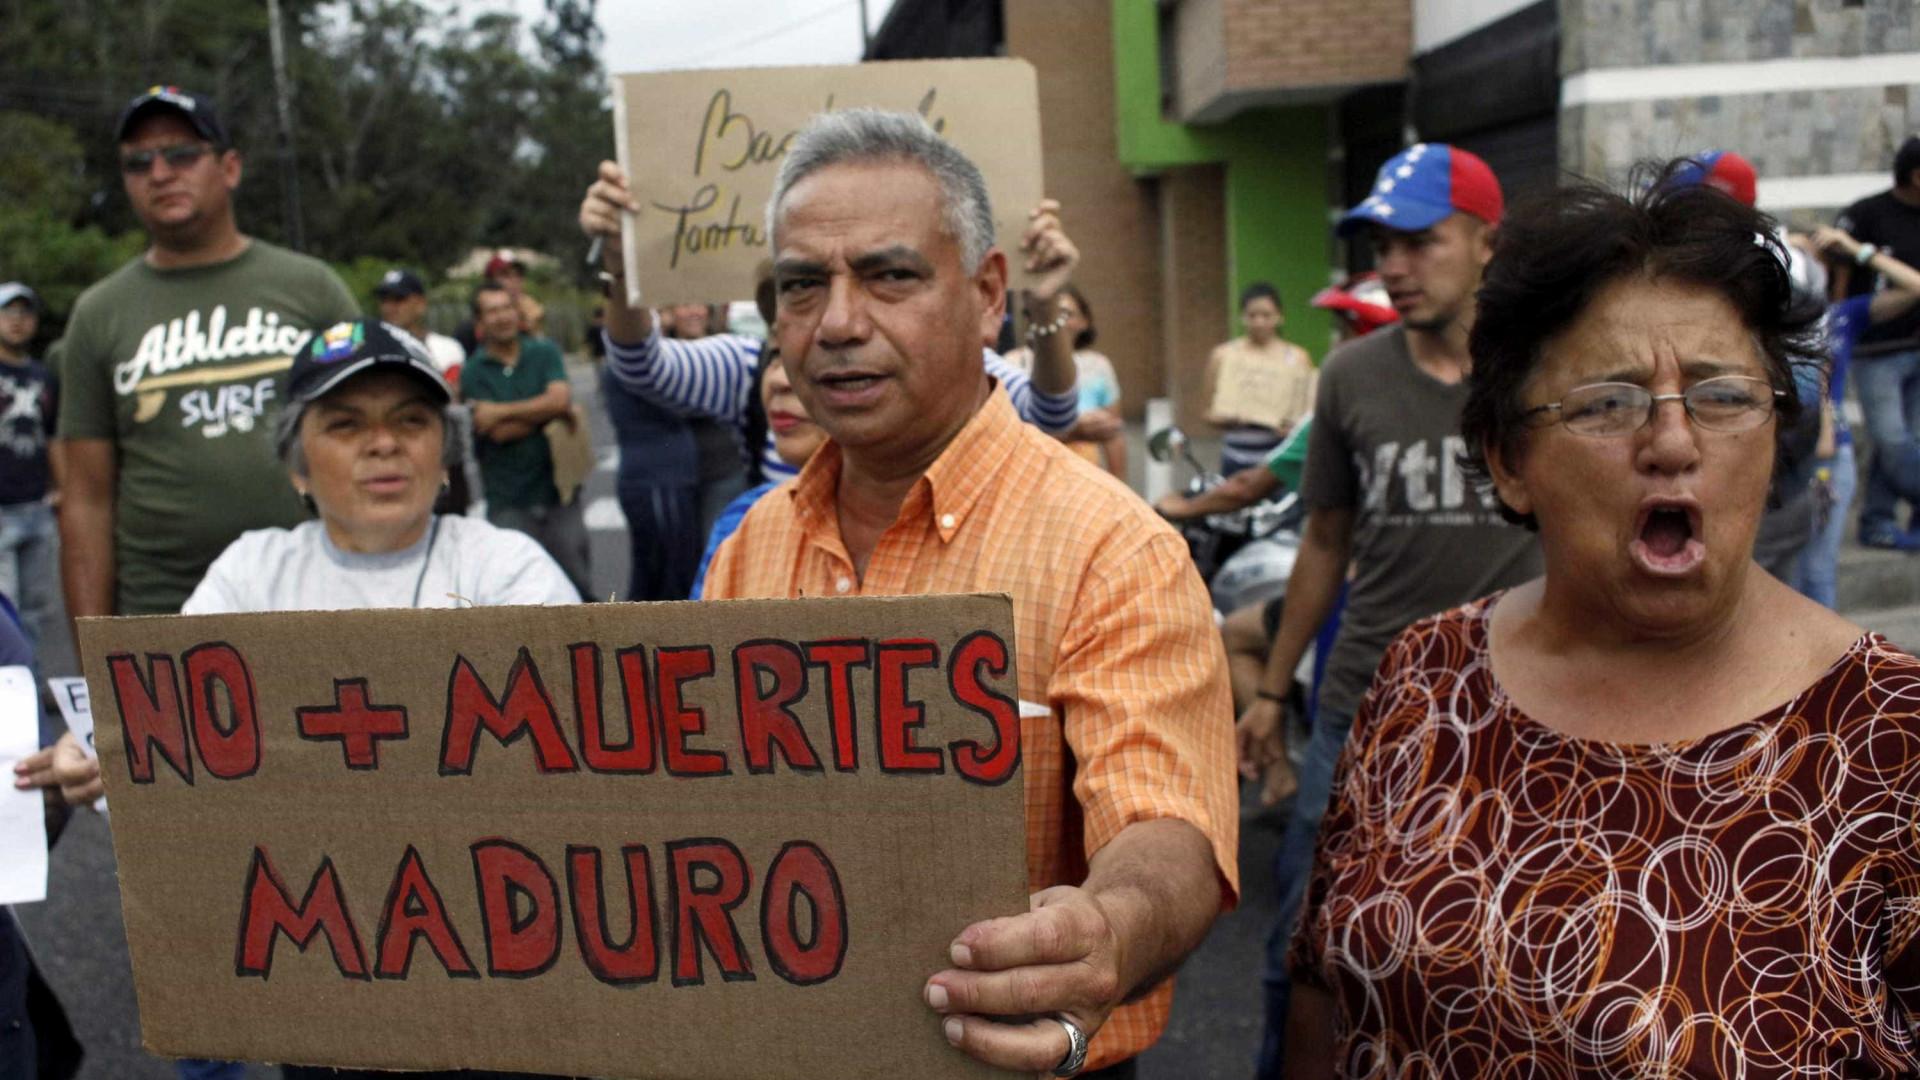 Noite de protestos e saques na  Venezuela deixa 12 mortos